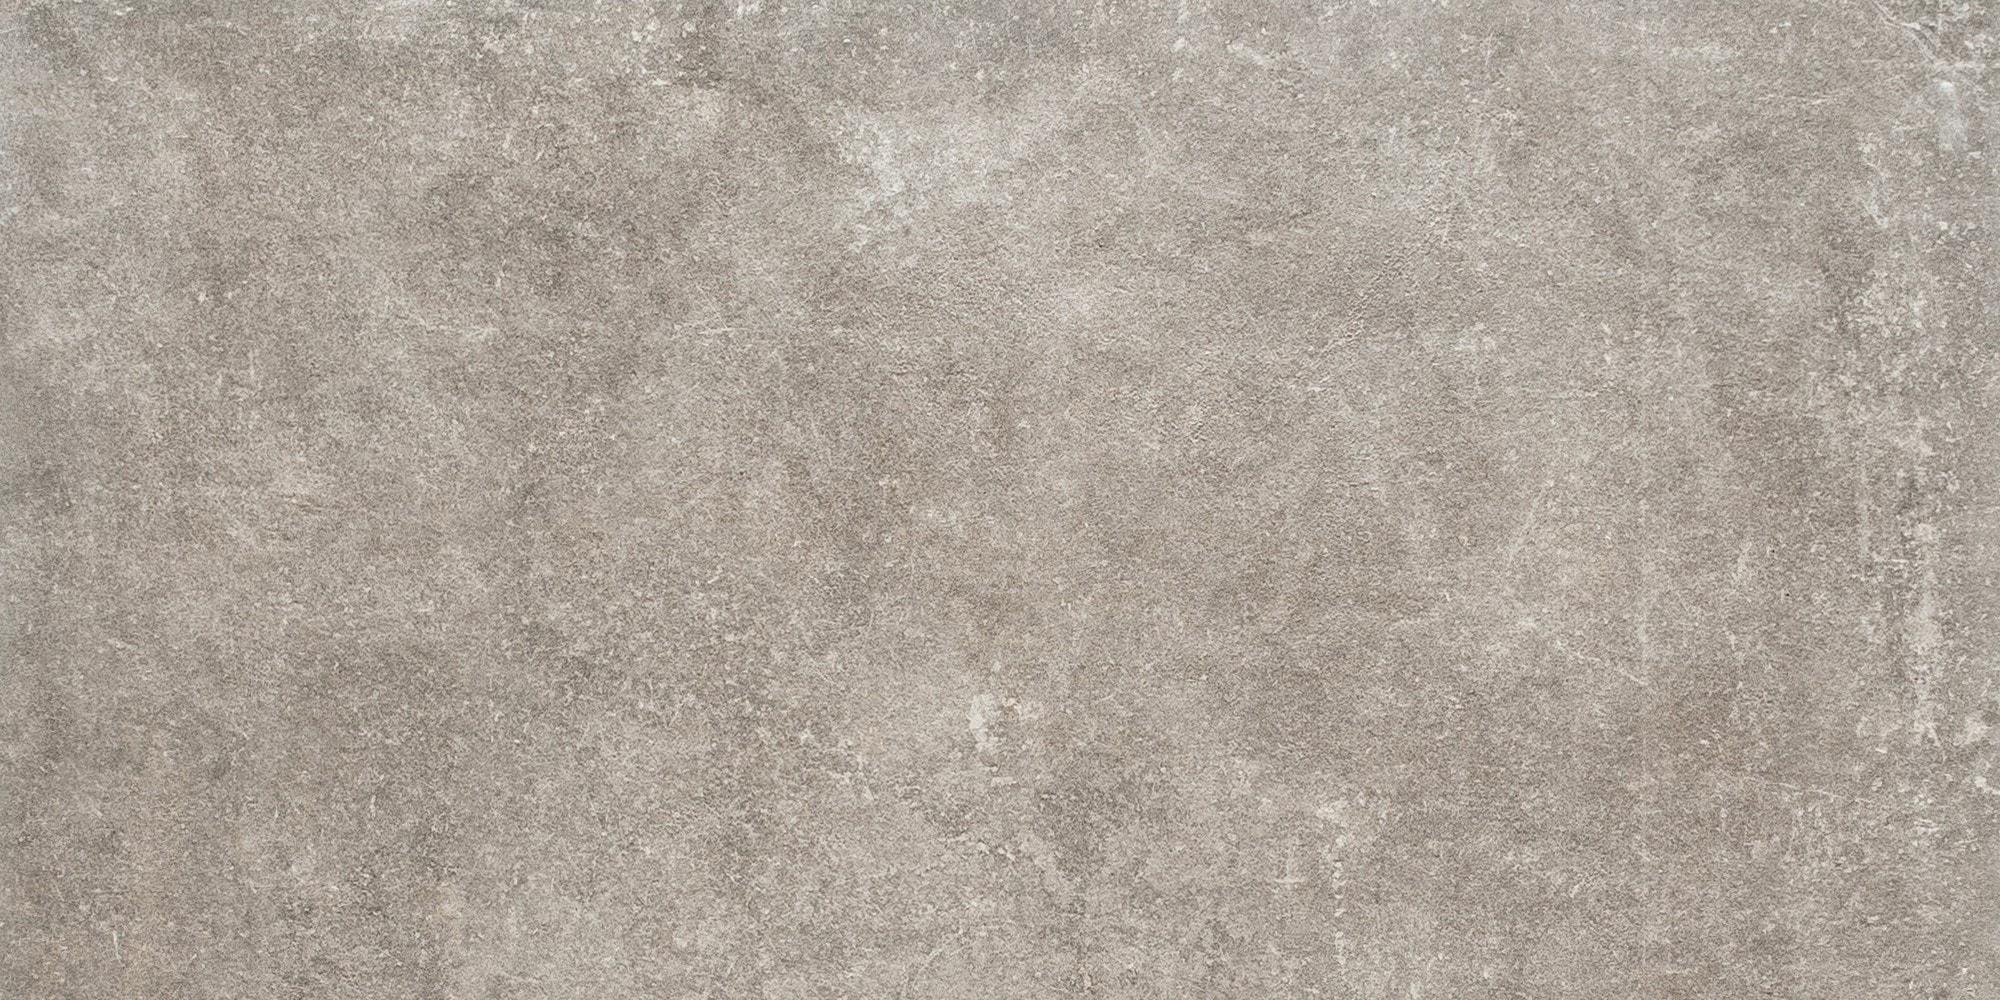 Płytka podłogowa Cerrad Montego Dust  397x797x9mm 27705